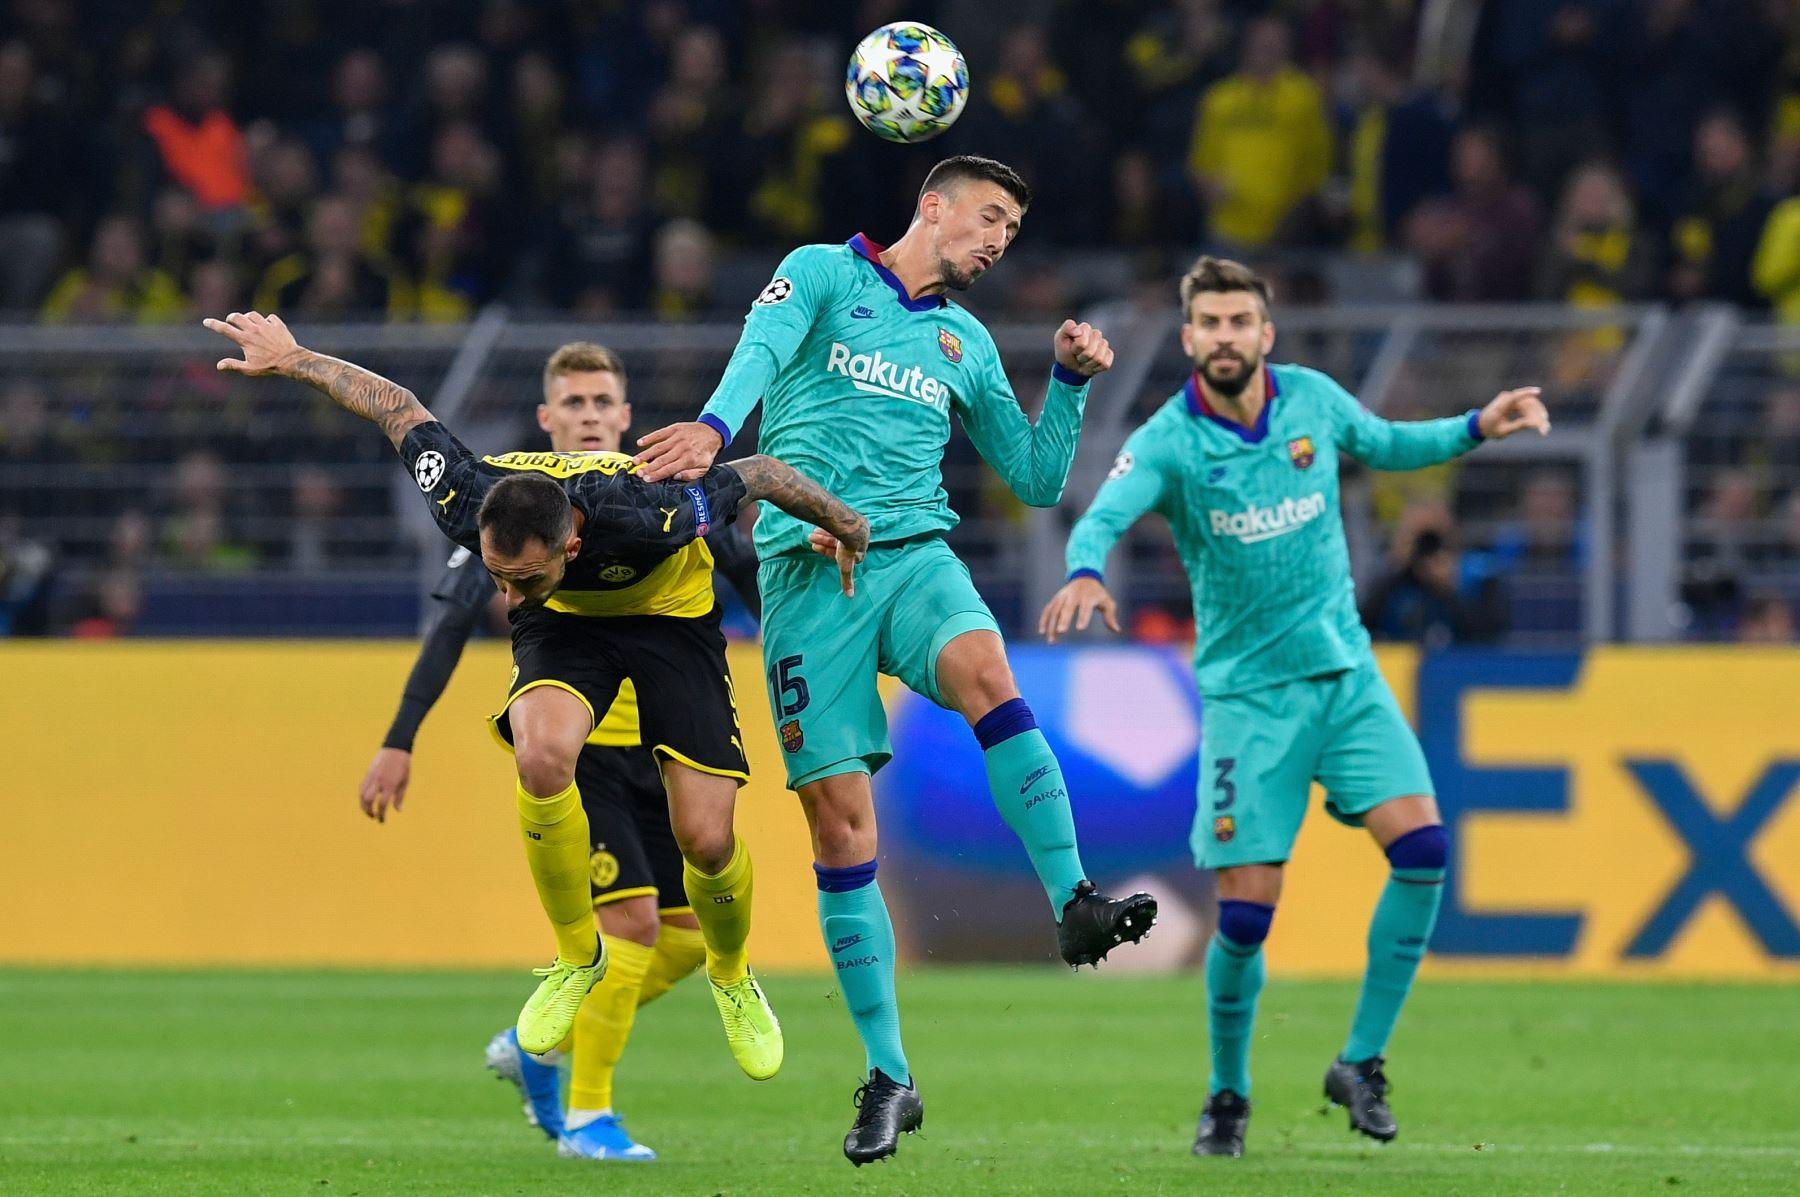 El delantero español del Dortmund Paco Alcacer (L) y el defensa francés del Barcelona Clement Lenglet (C) compiten por el balón durante el partido de fútbol del Grupo F de la UEFA Champions League.Foto:AFP